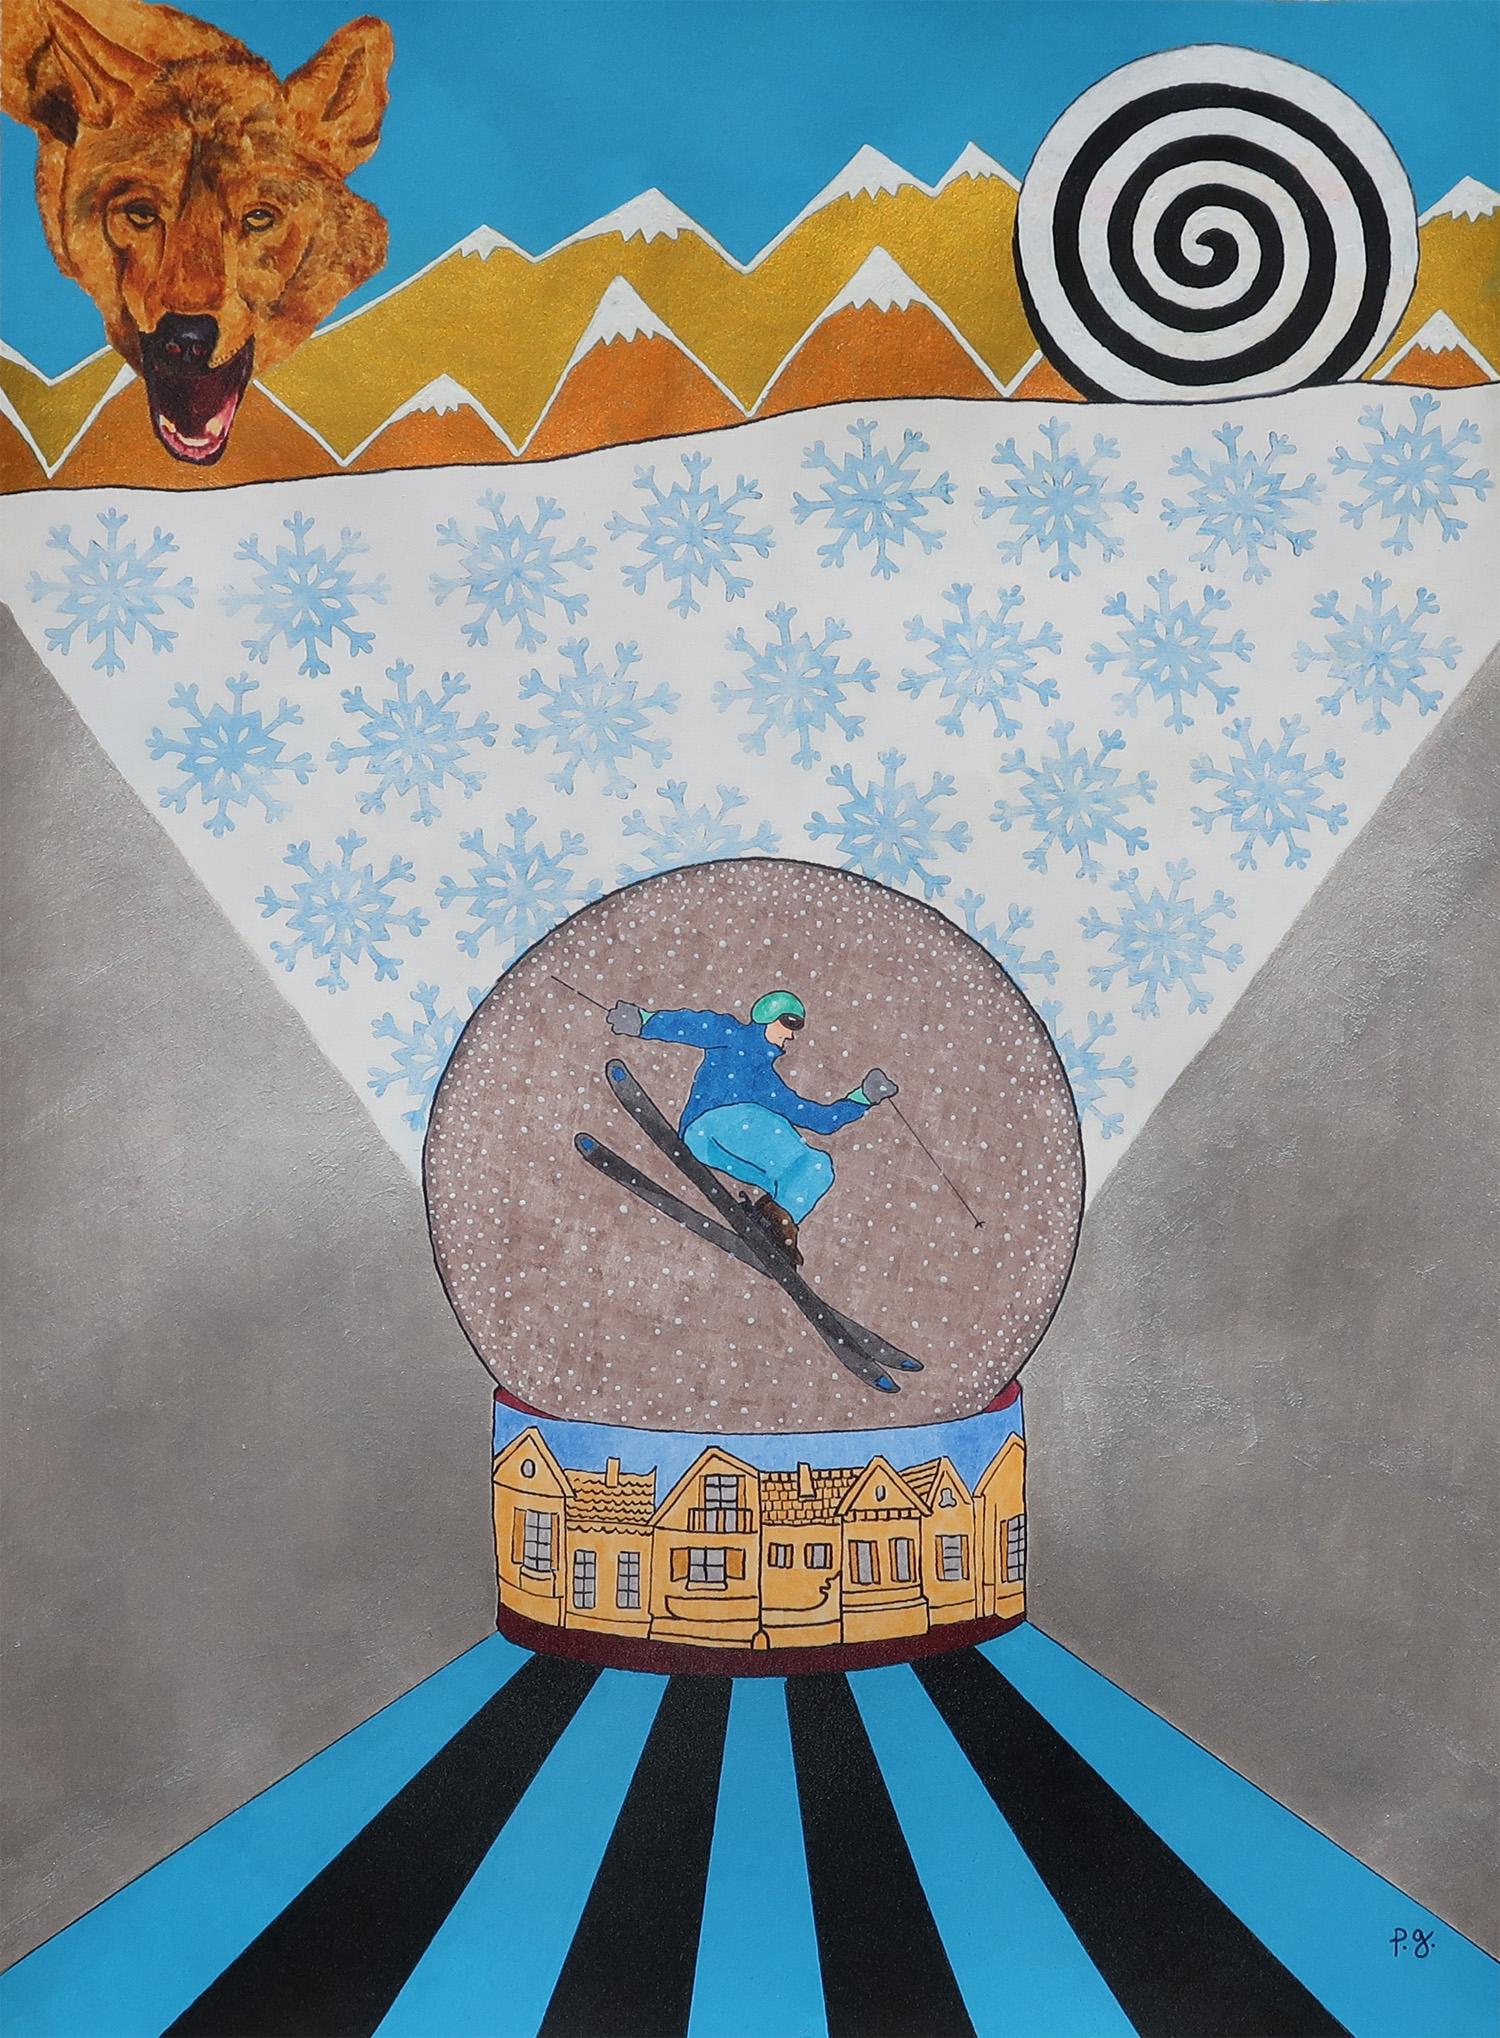 """""""Jump! [Viva La Vida]"""" - p.g. - 2020"""